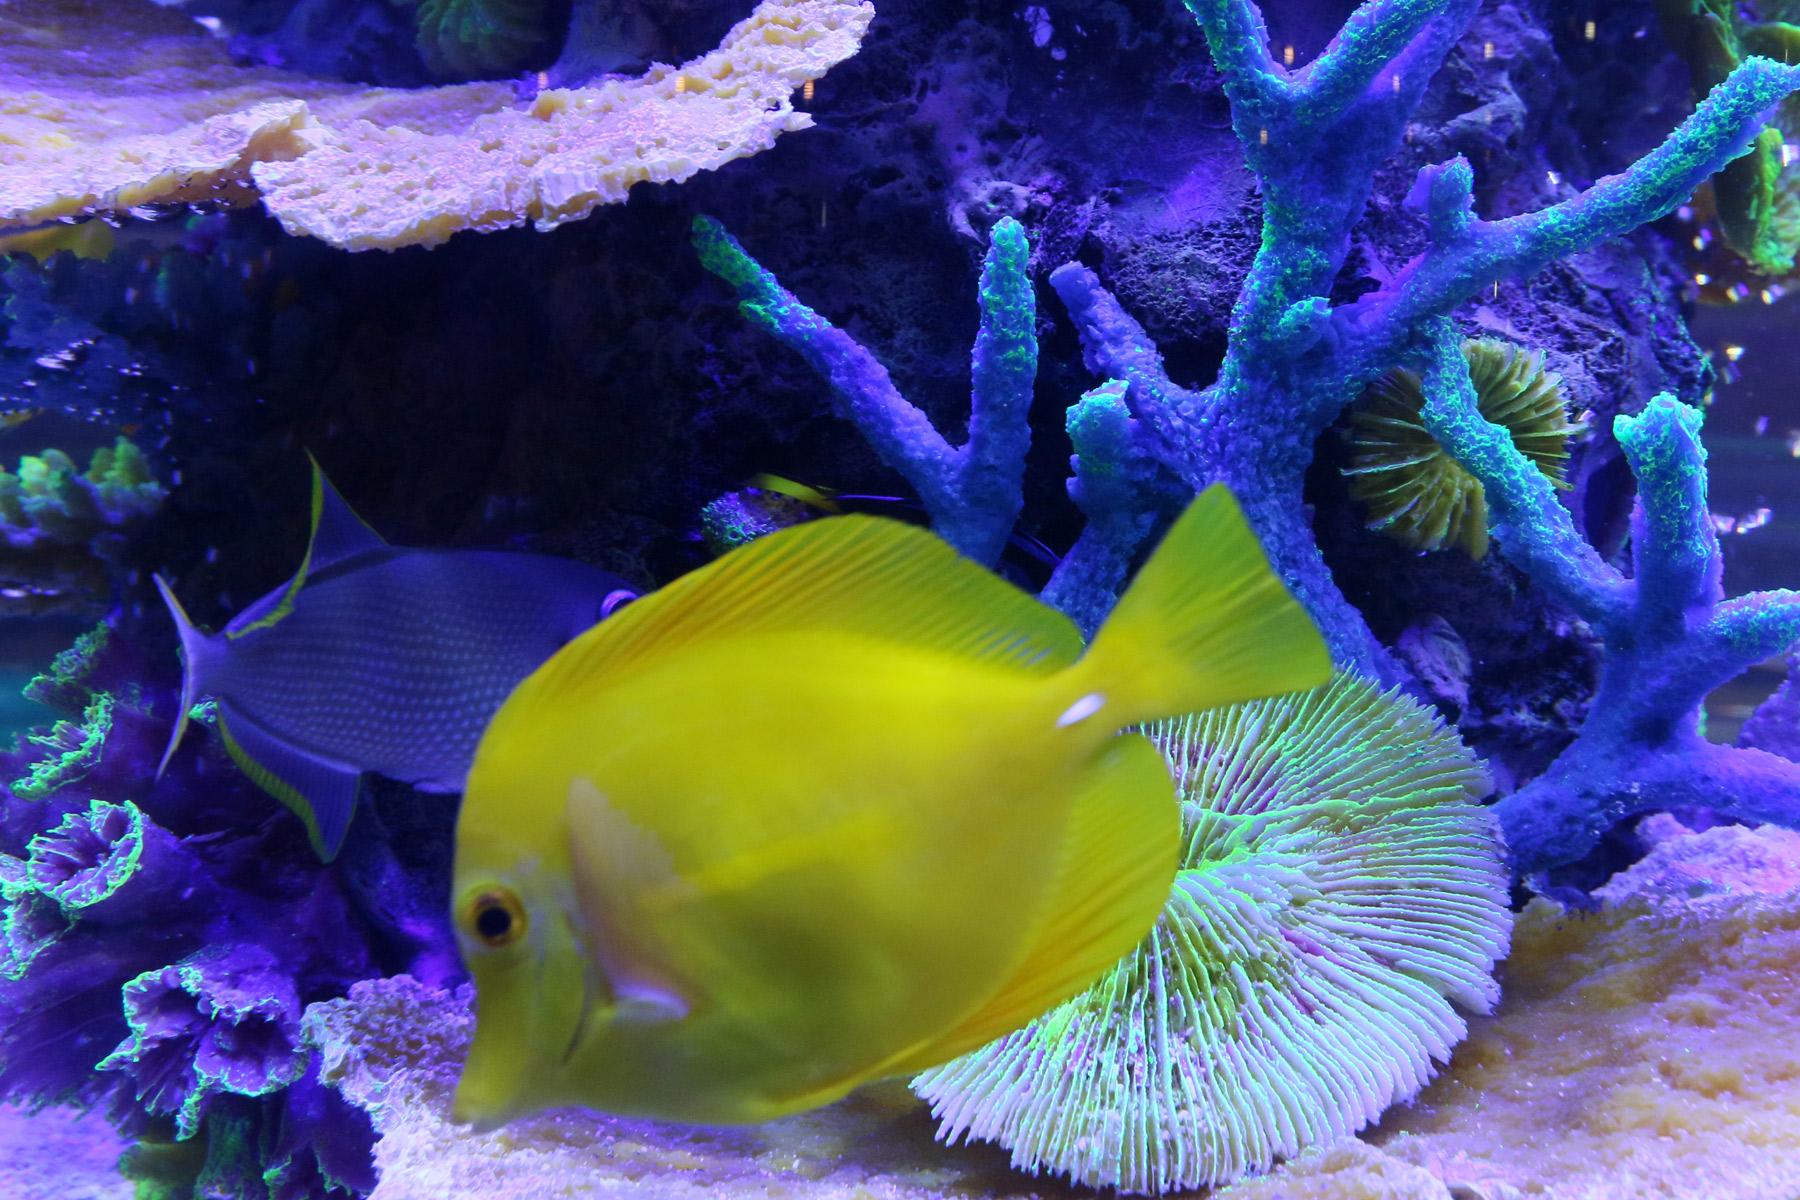 Peces ornamentales un negocio con amplias perspectivas de for Granja de peces ornamentales